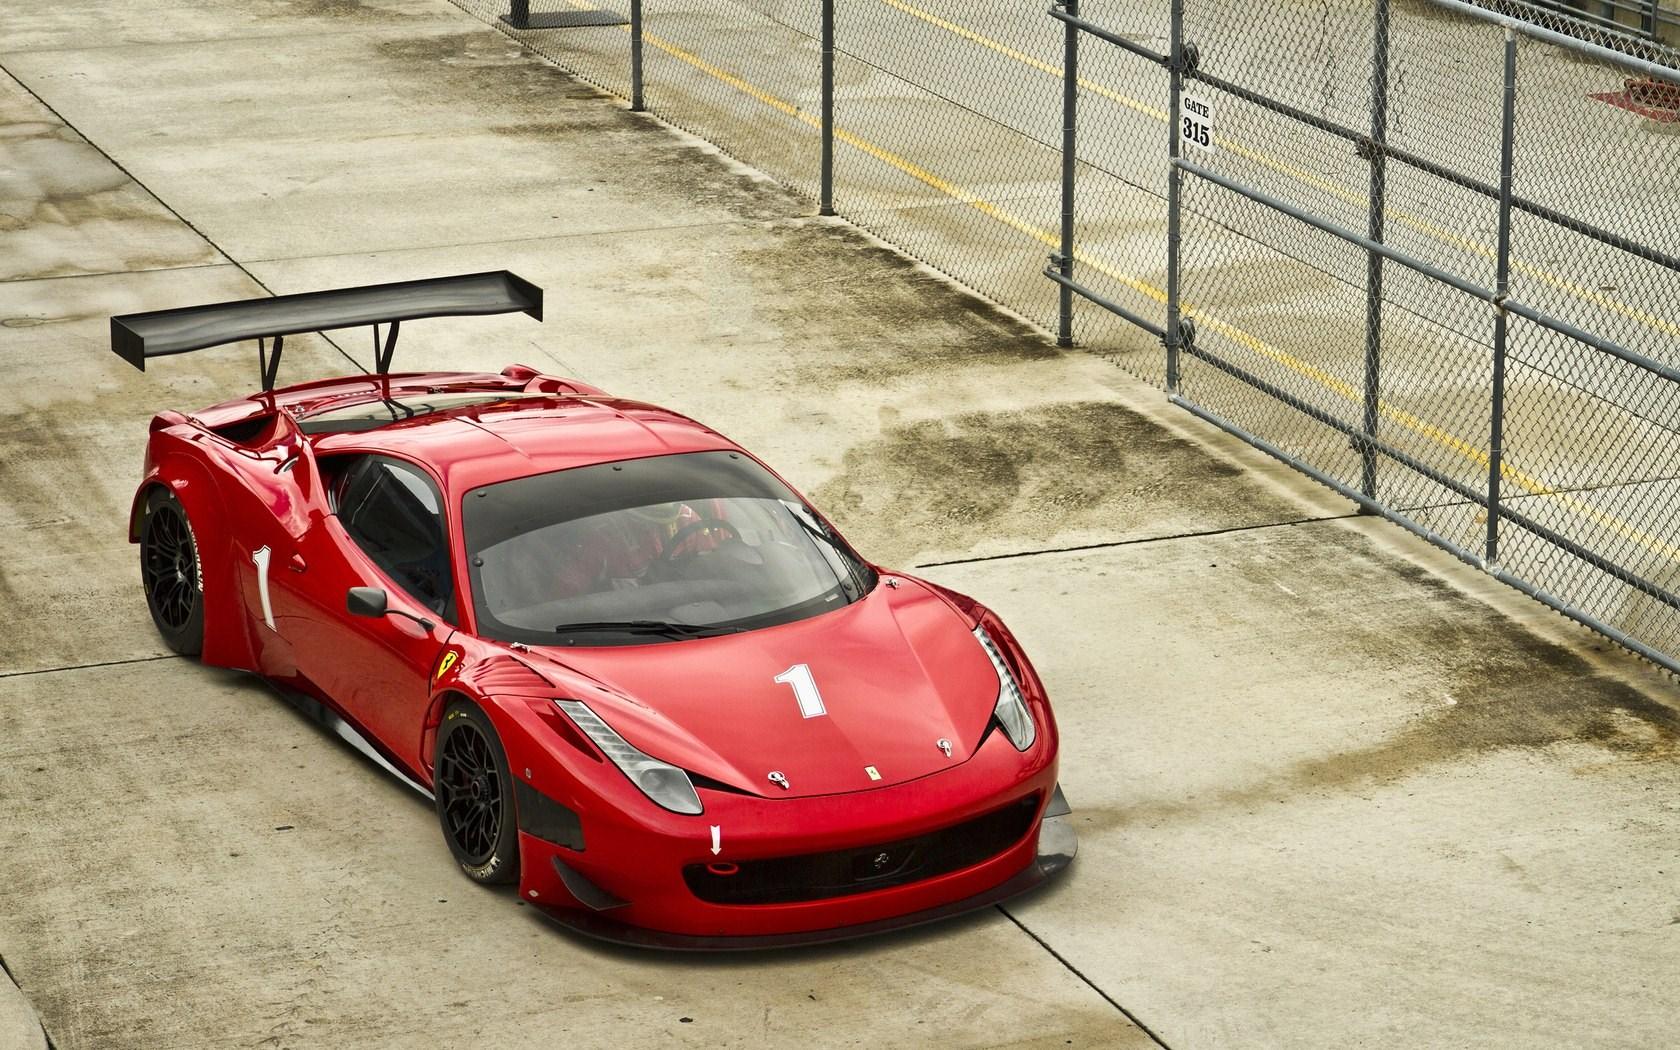 20 Excellent Hd Ferrari Wallpapers